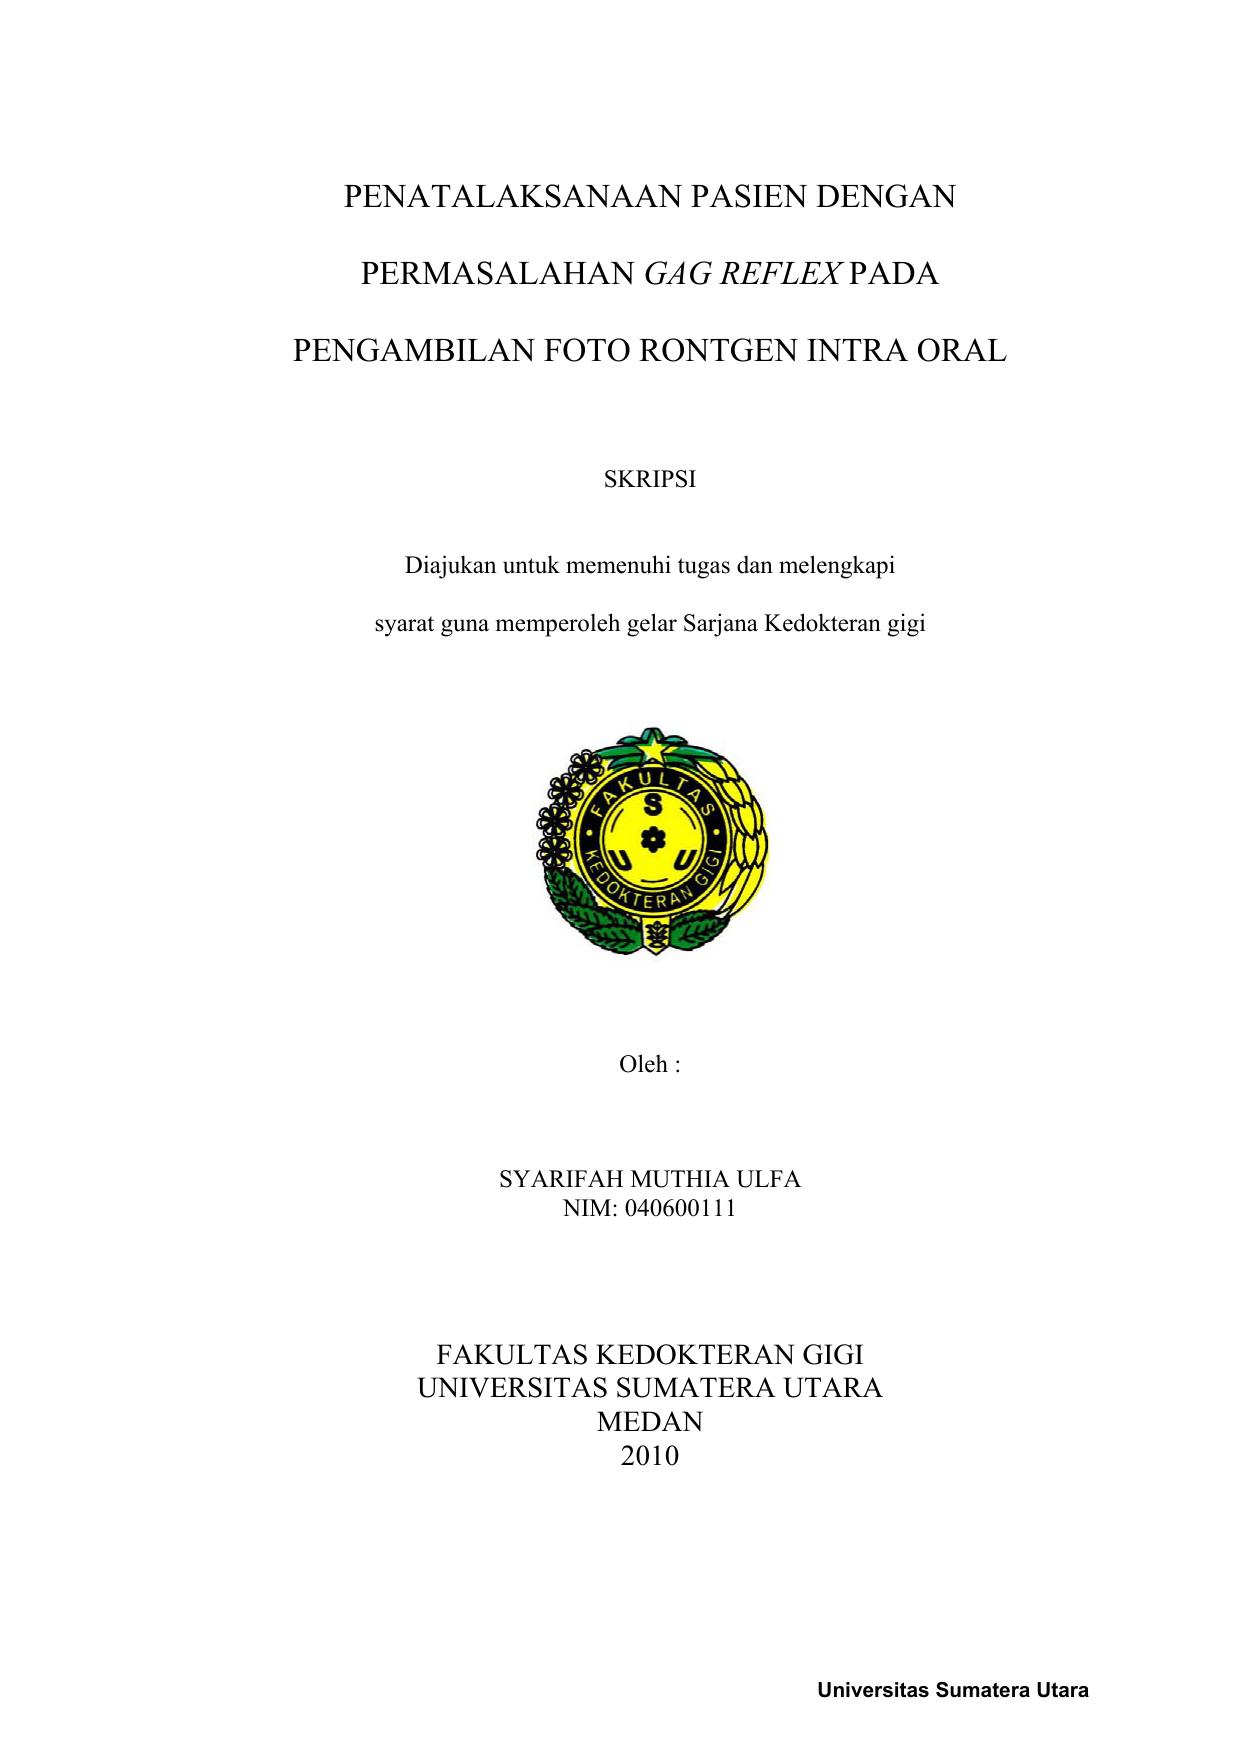 Fakultas Kedokteran Gigi Universitas Sumatera Utara